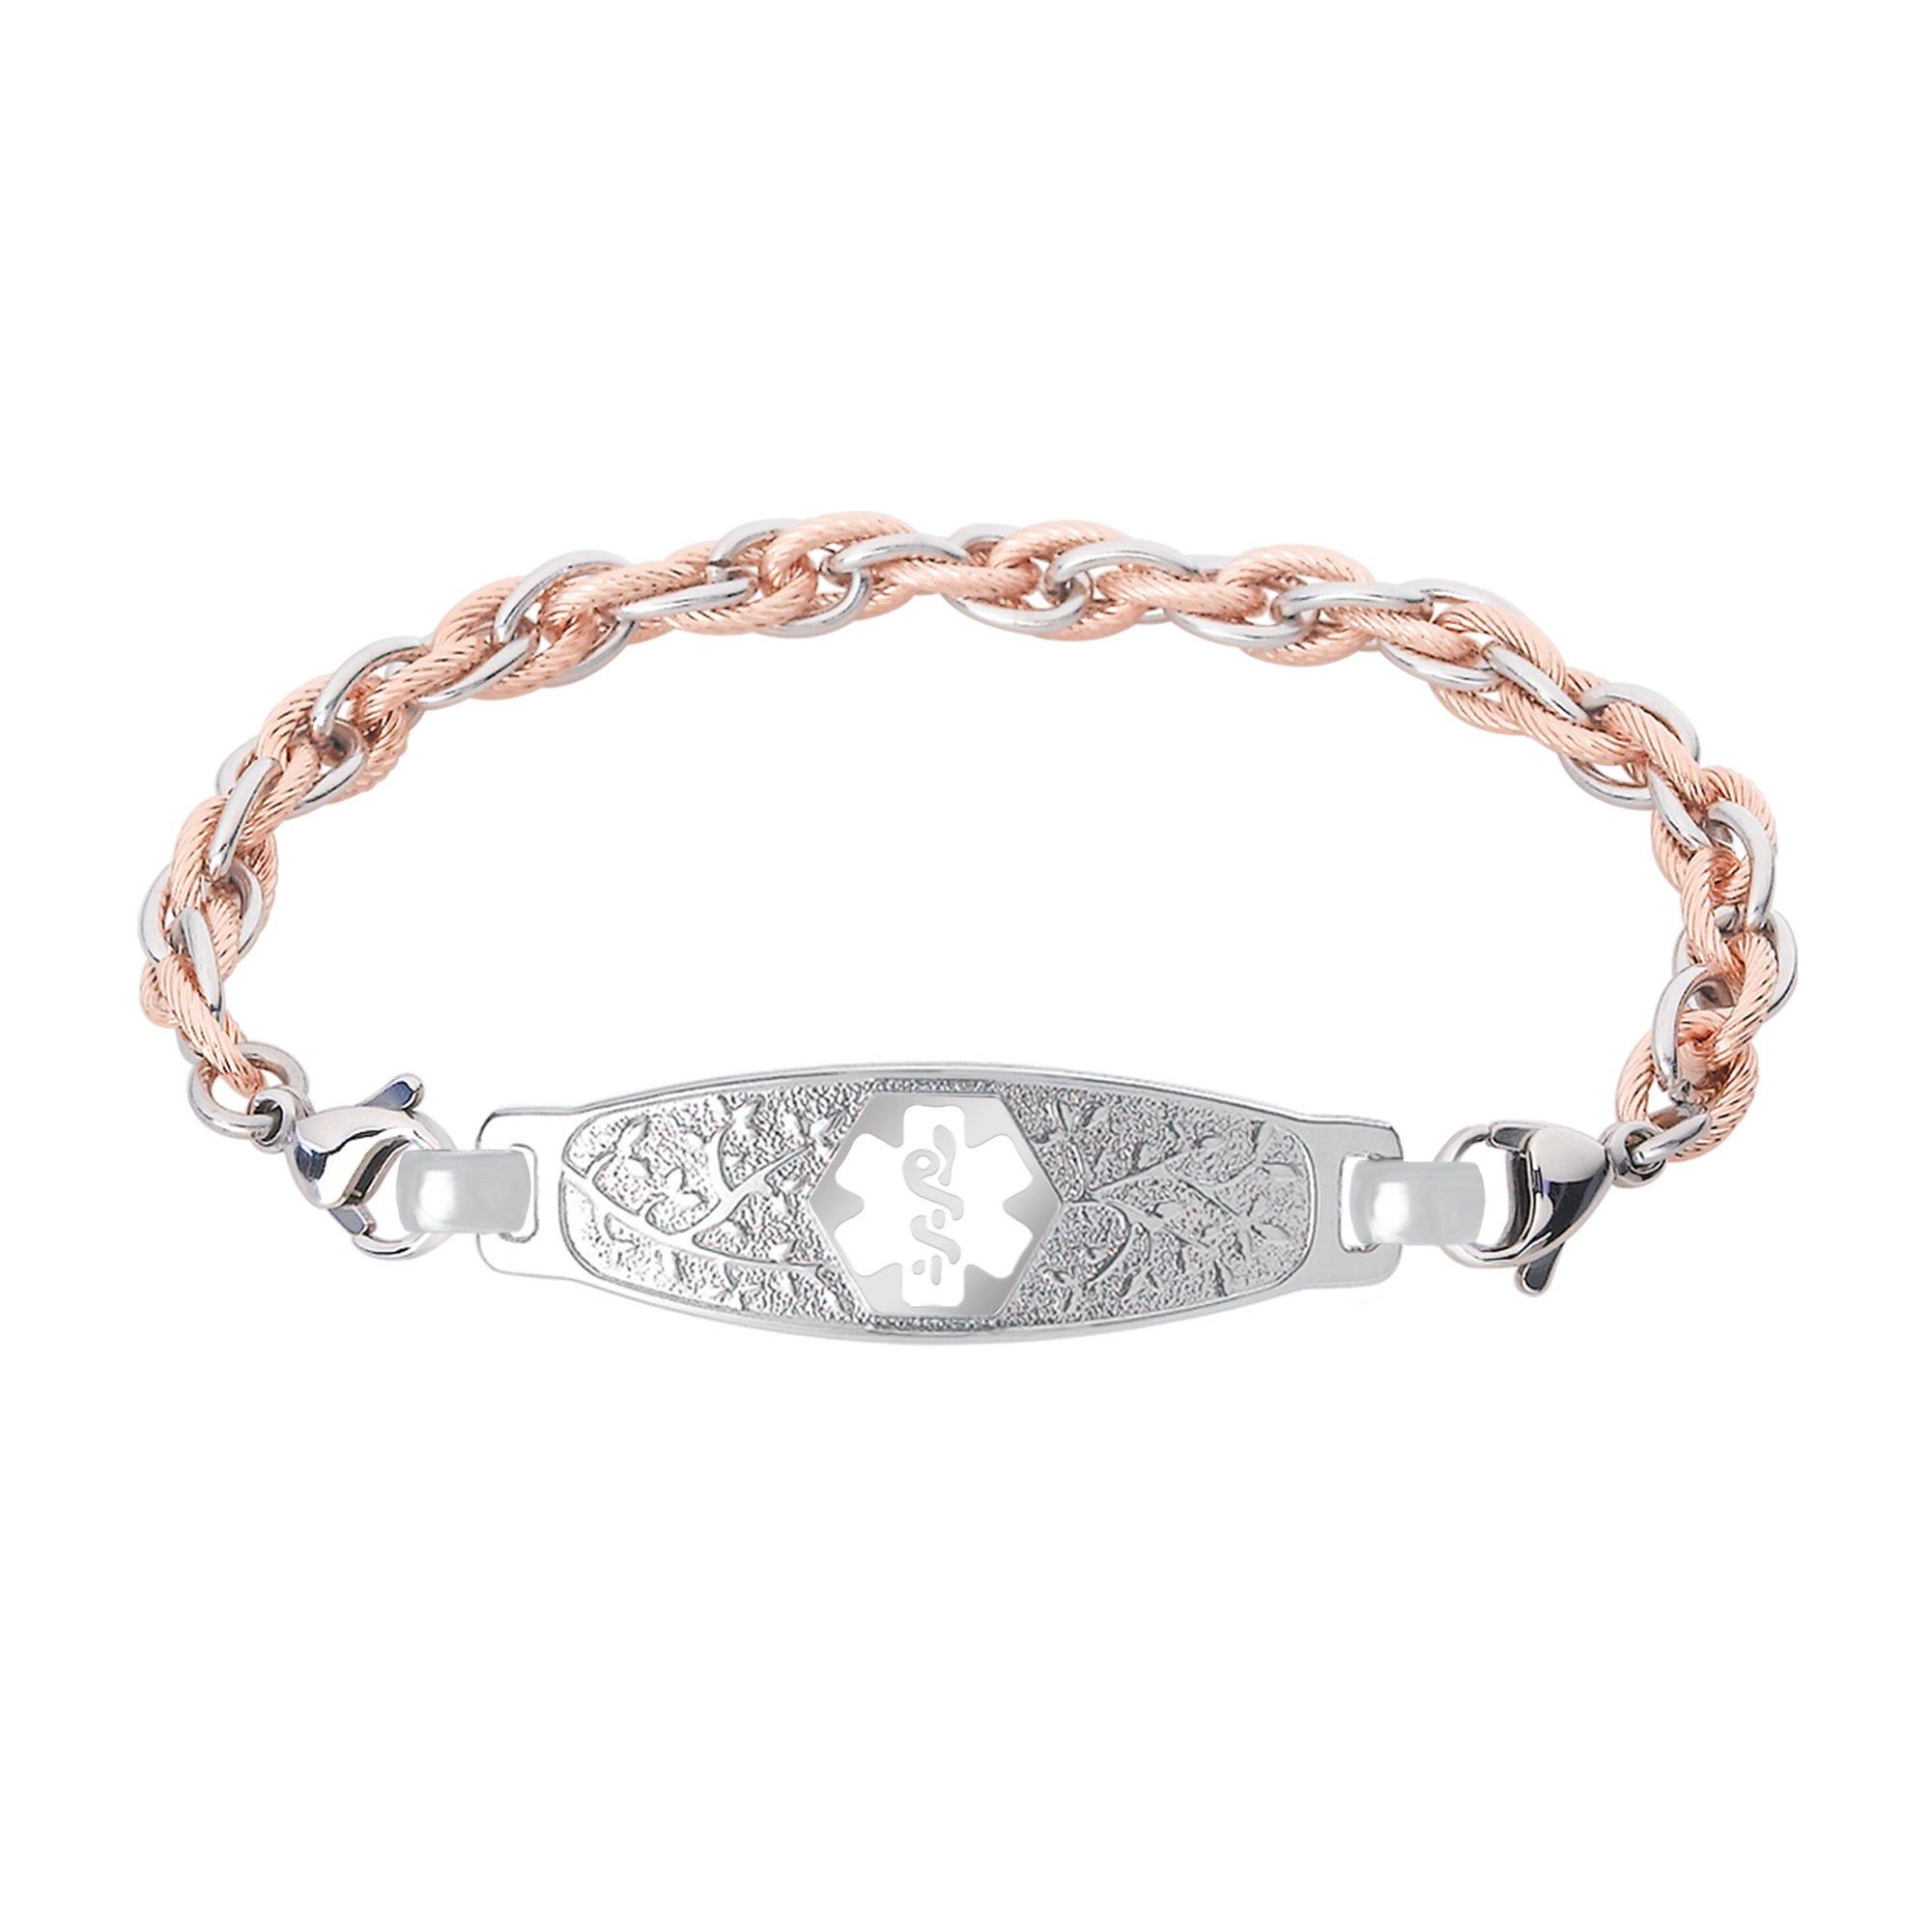 Divoti Custom Engraved Elegant Olive Medical Alert Bracelet -Inter-Mesh Rose Gold/Silver Stainless -White-6.5''